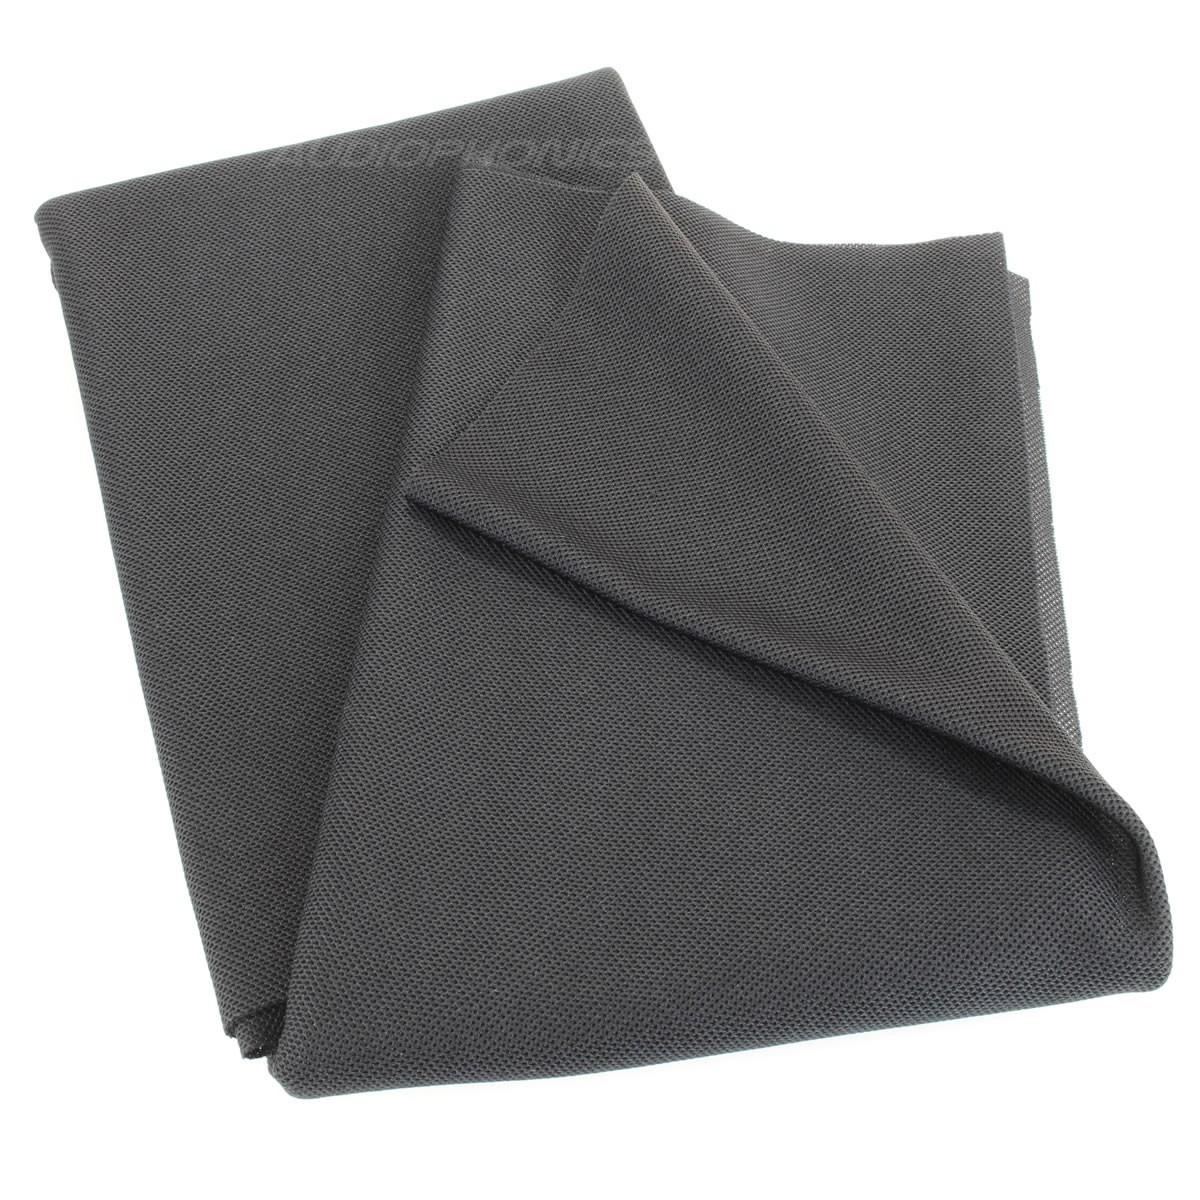 Sonotex Tissu acoustique haut-parleur Noir